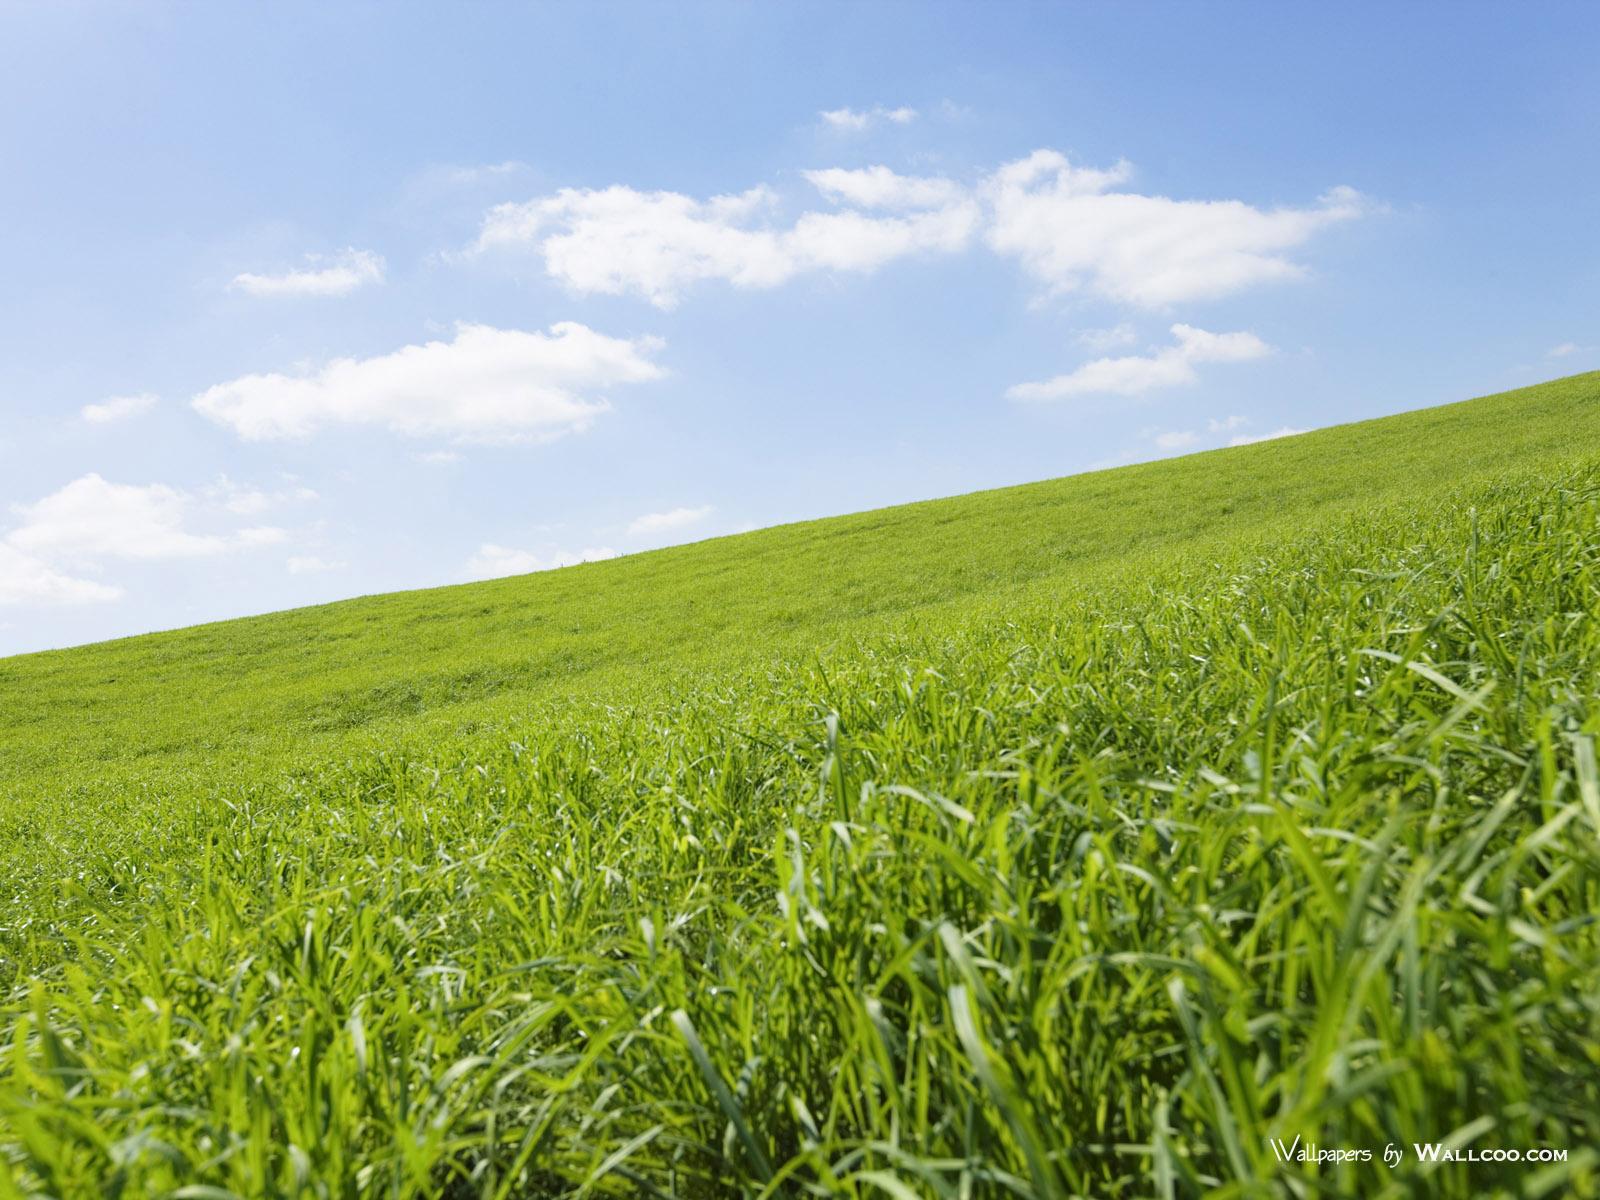 1200原野草原草地图片 Vast Grassland Photography壁纸,青青草原 草原天空摄影壁纸壁纸图片